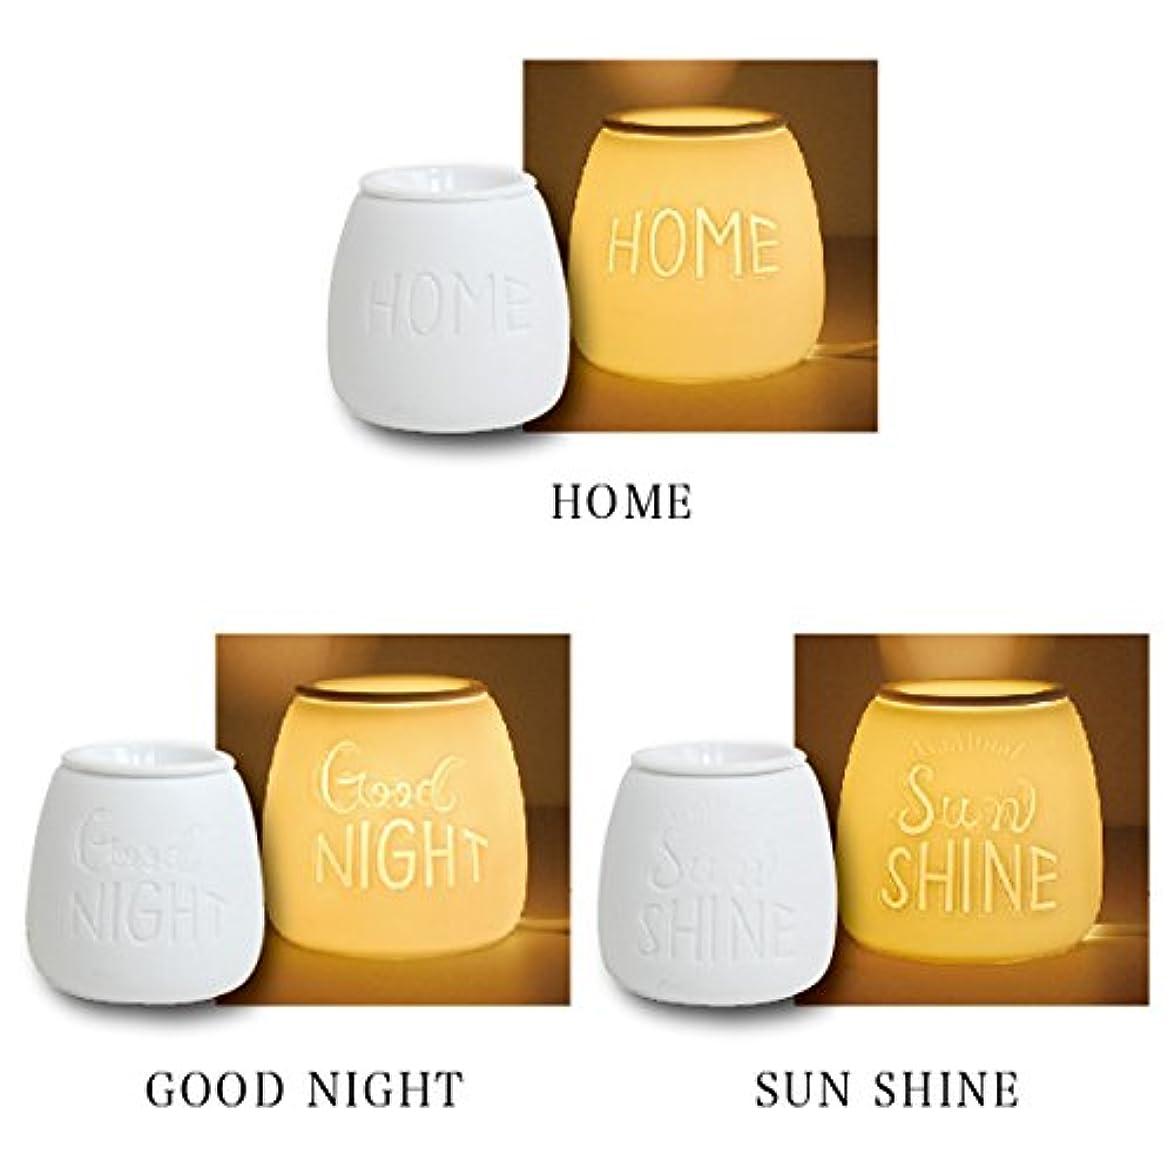 支配的染色奴隷レタリング アロマライト コード式 アロマランプ  タイマー 調光 機能付 (GOOD NIGHT)